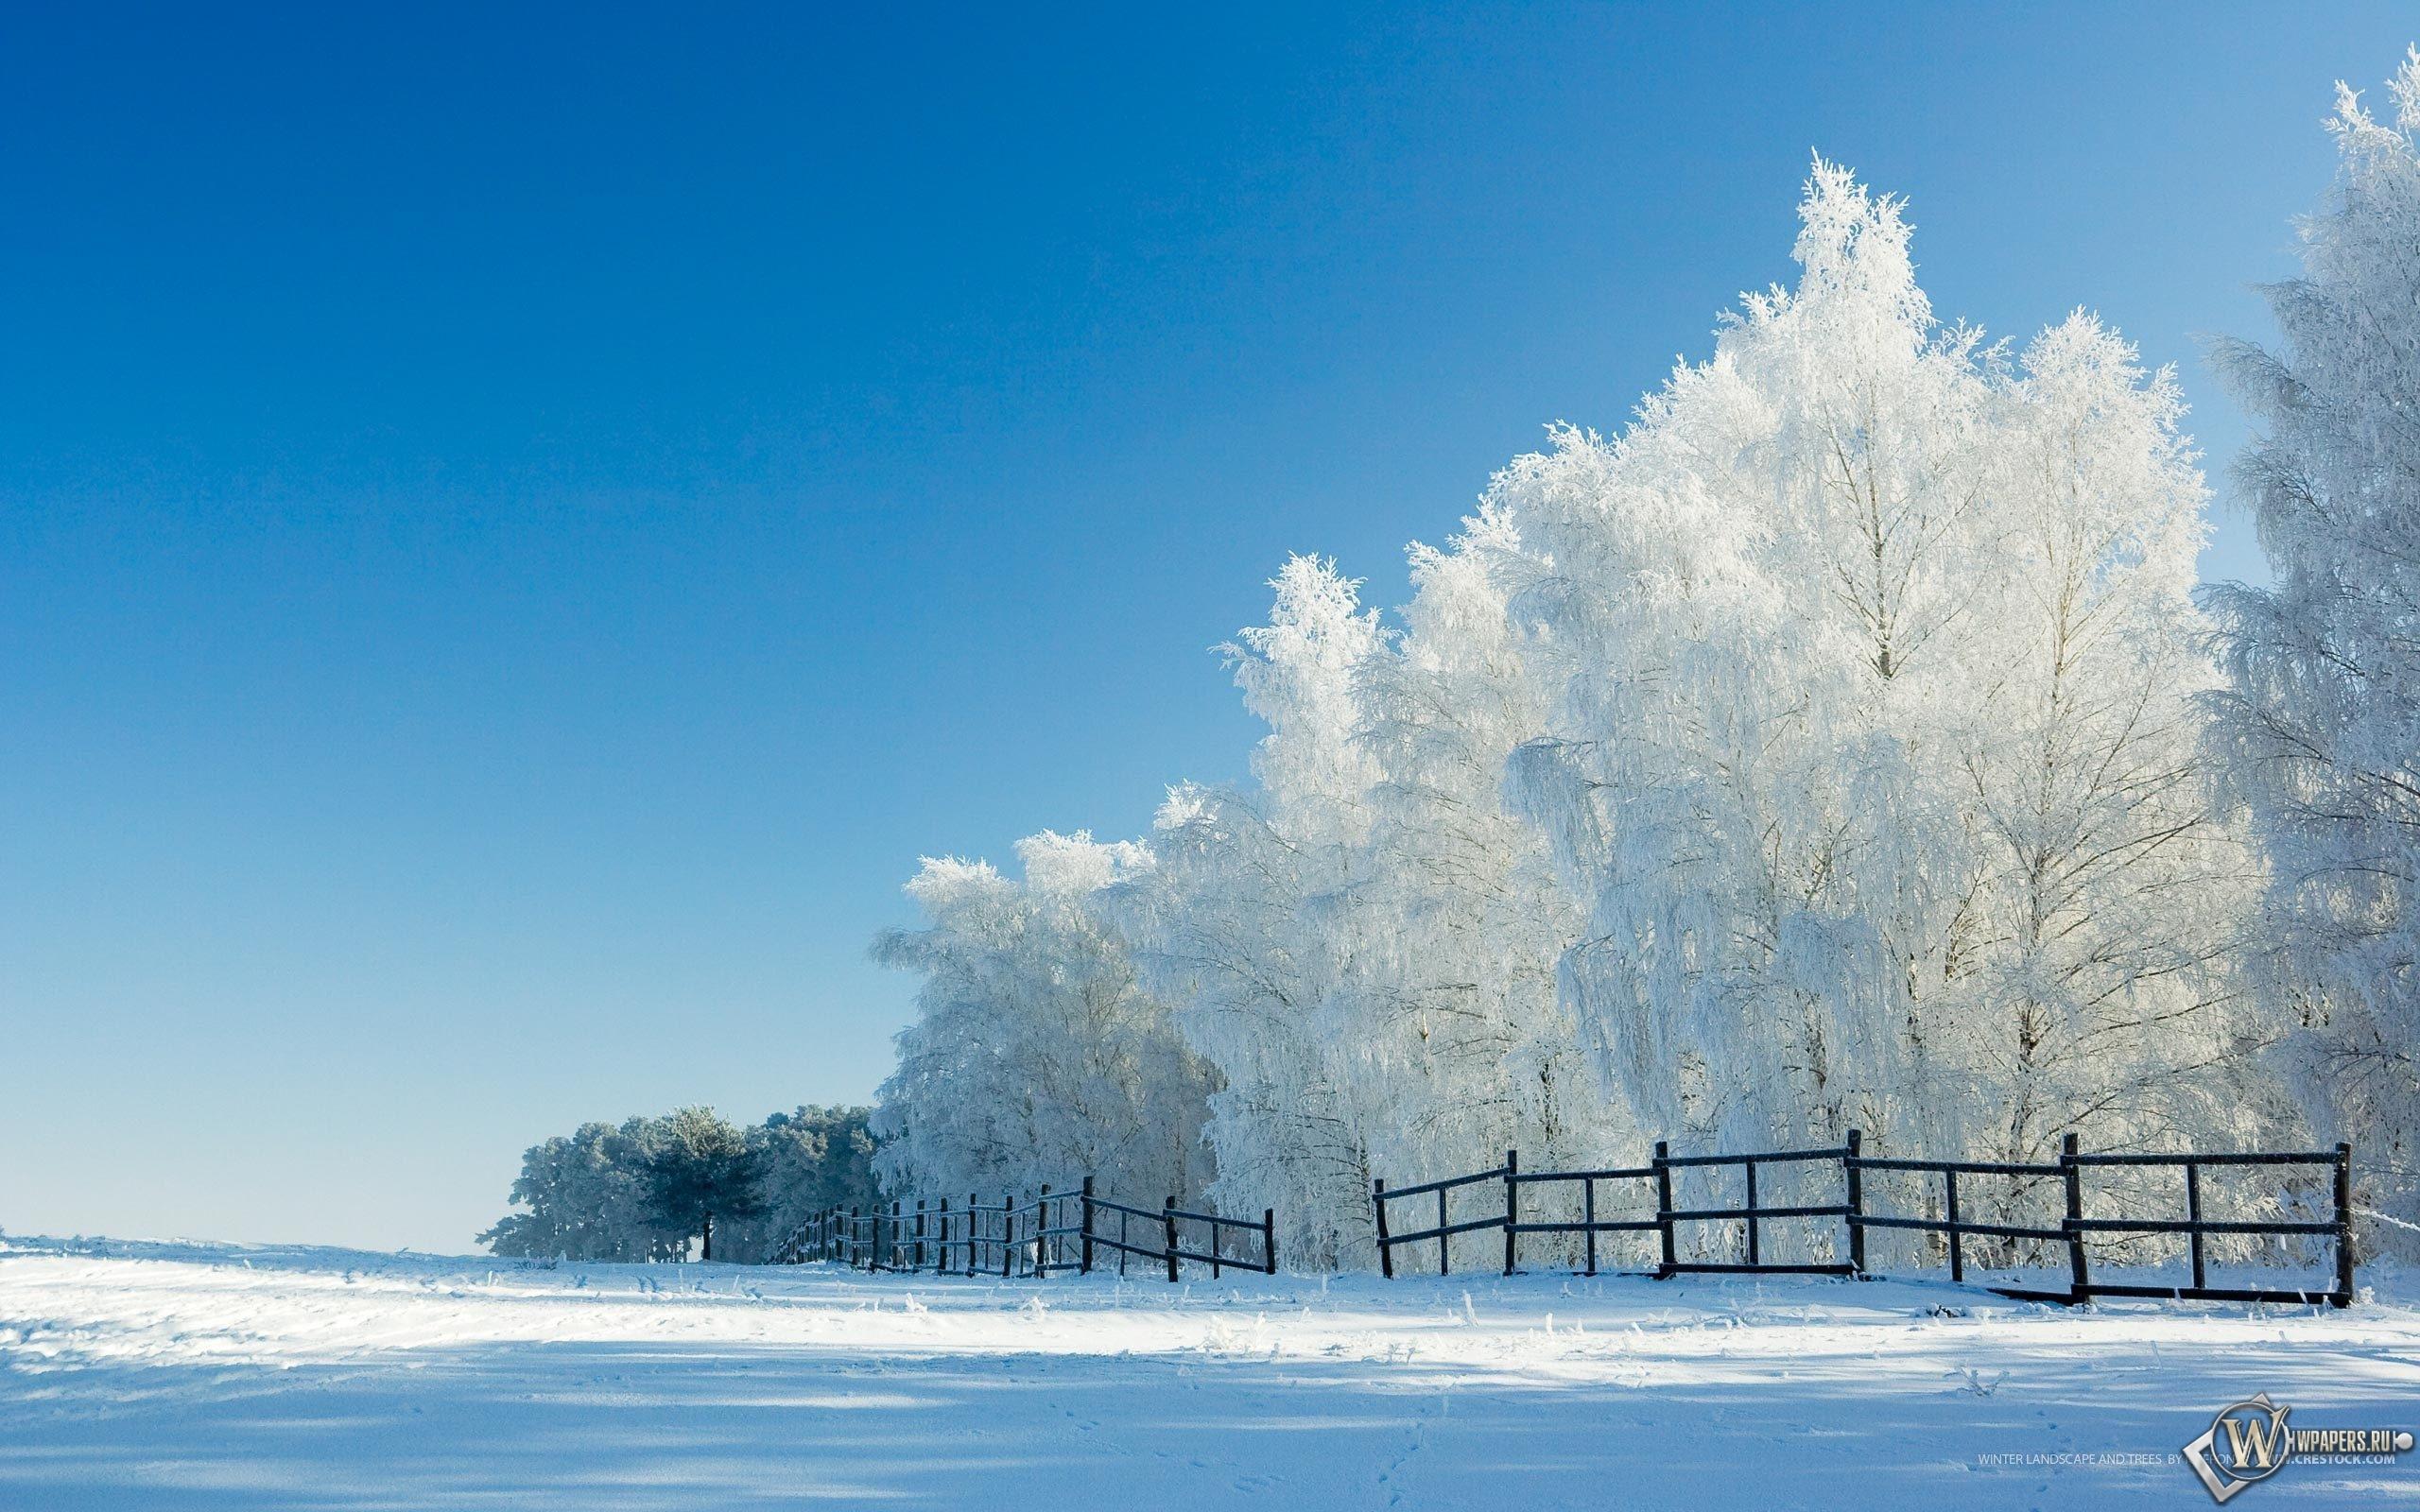 Утренний зимний лес 2560x1600